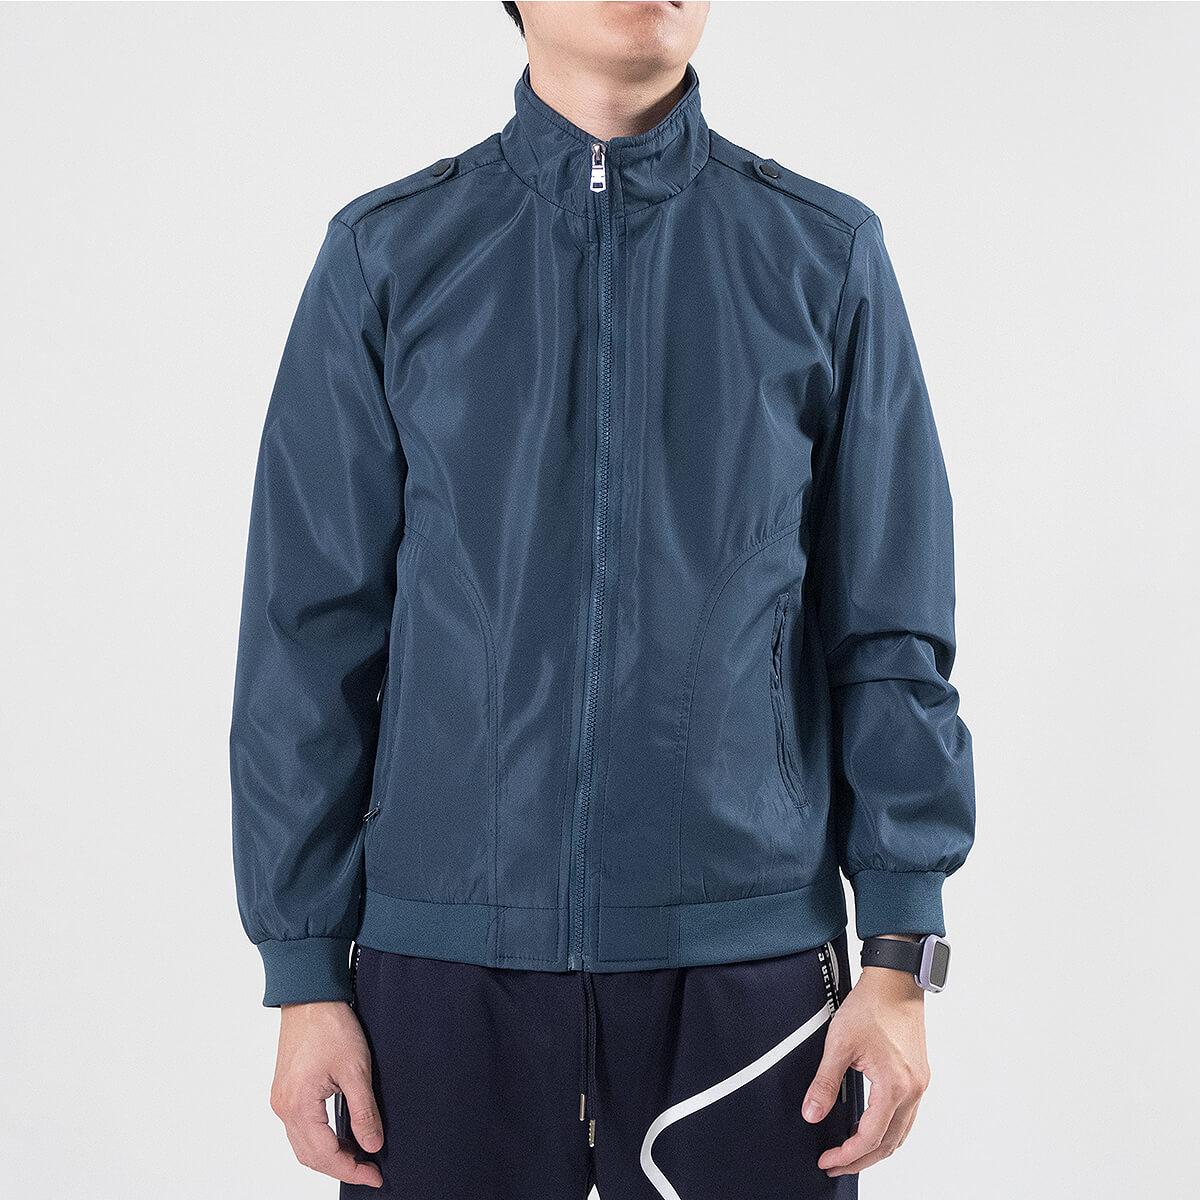 軍裝外套 修身夾克外套 立領素面外套 鈕扣肩章外套 格紋內裡薄外套 防風外套 潮流時尚休閒外套 風衣外套 黑色外套 Military Jacket Men's Jackets Windproof Jackets Button-up Epaulets (321-8025-01)咖啡色、(321-8025-02)藍綠色(321-8025-04)黑色  L XL 2L 3L 4L (胸圍109~124公分  43~49英吋) 男 [實體店面保障] sun-e 5